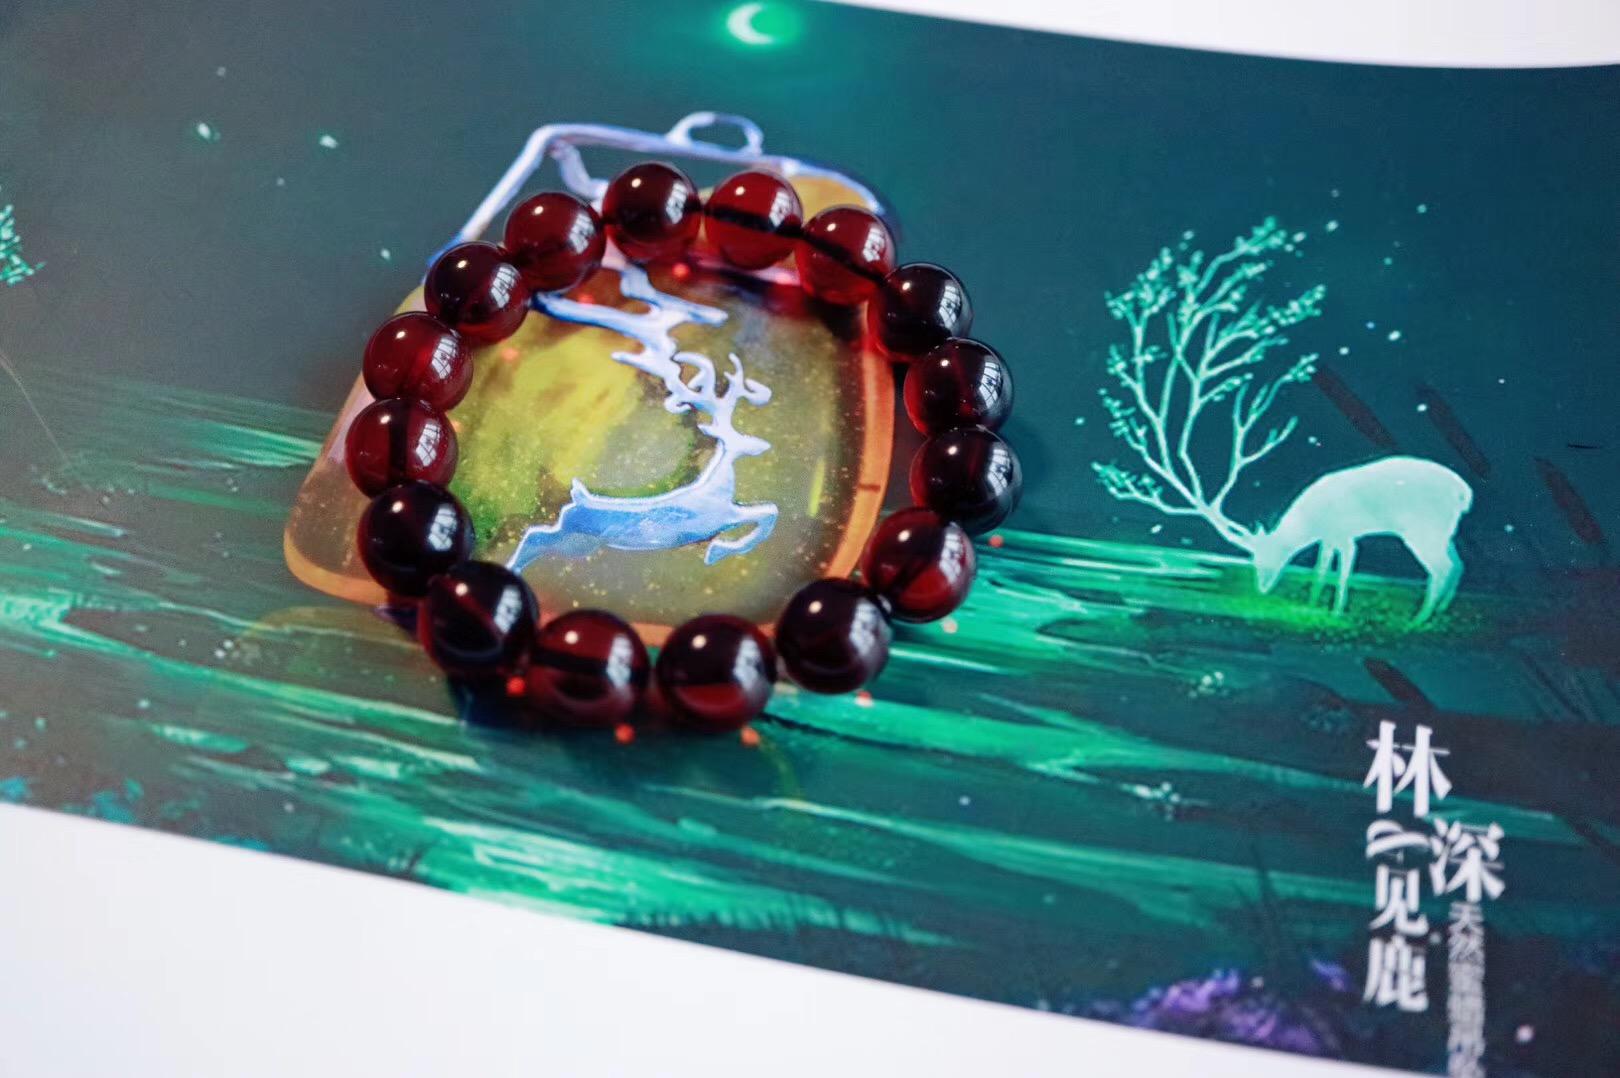 【菩心极品血珀】世界上有很多种红,而这一抹尤为高贵-菩心晶舍